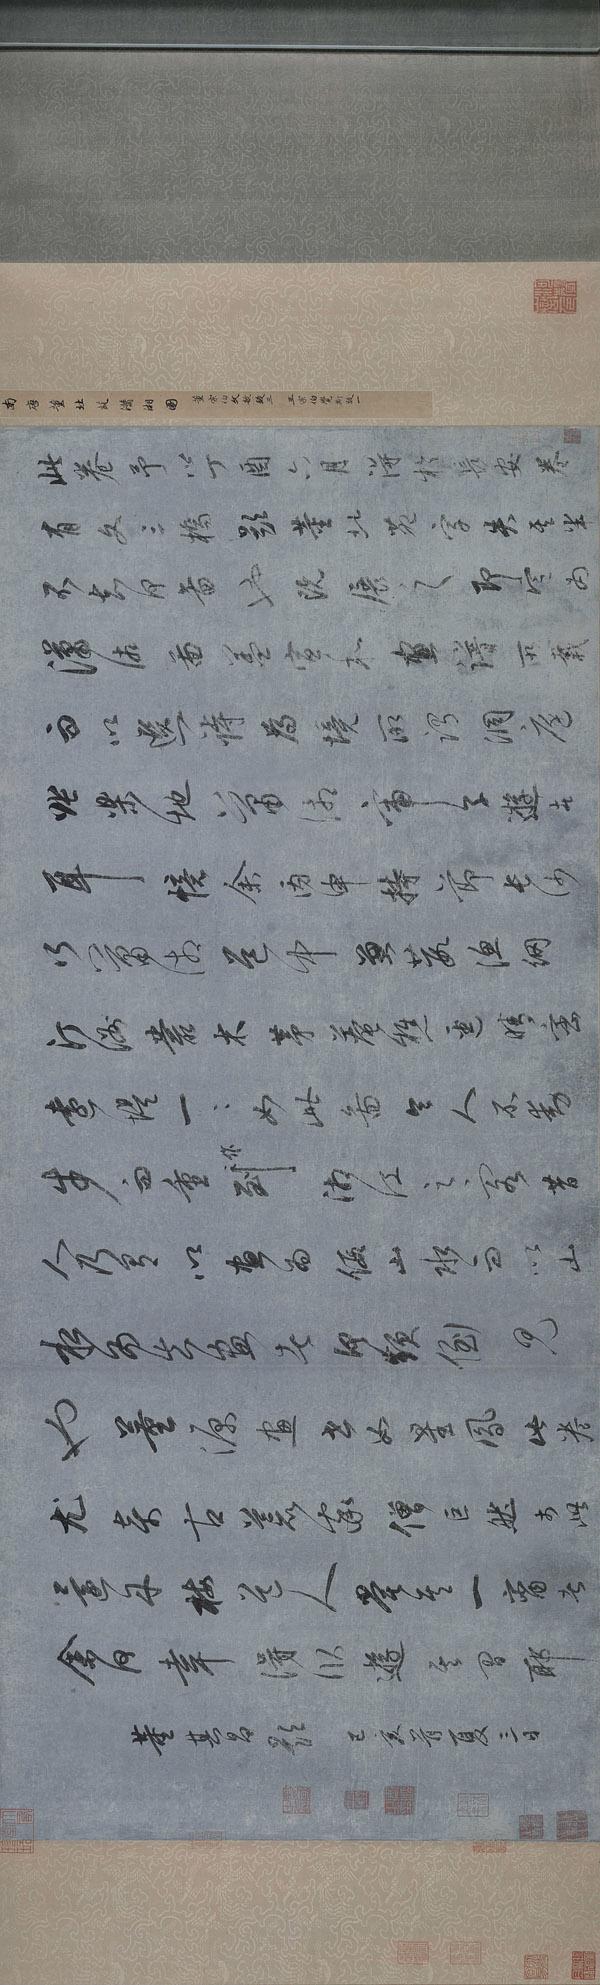 五代 董源 潇湘图卷 全卷 绢本 局部1 旋转 缩图